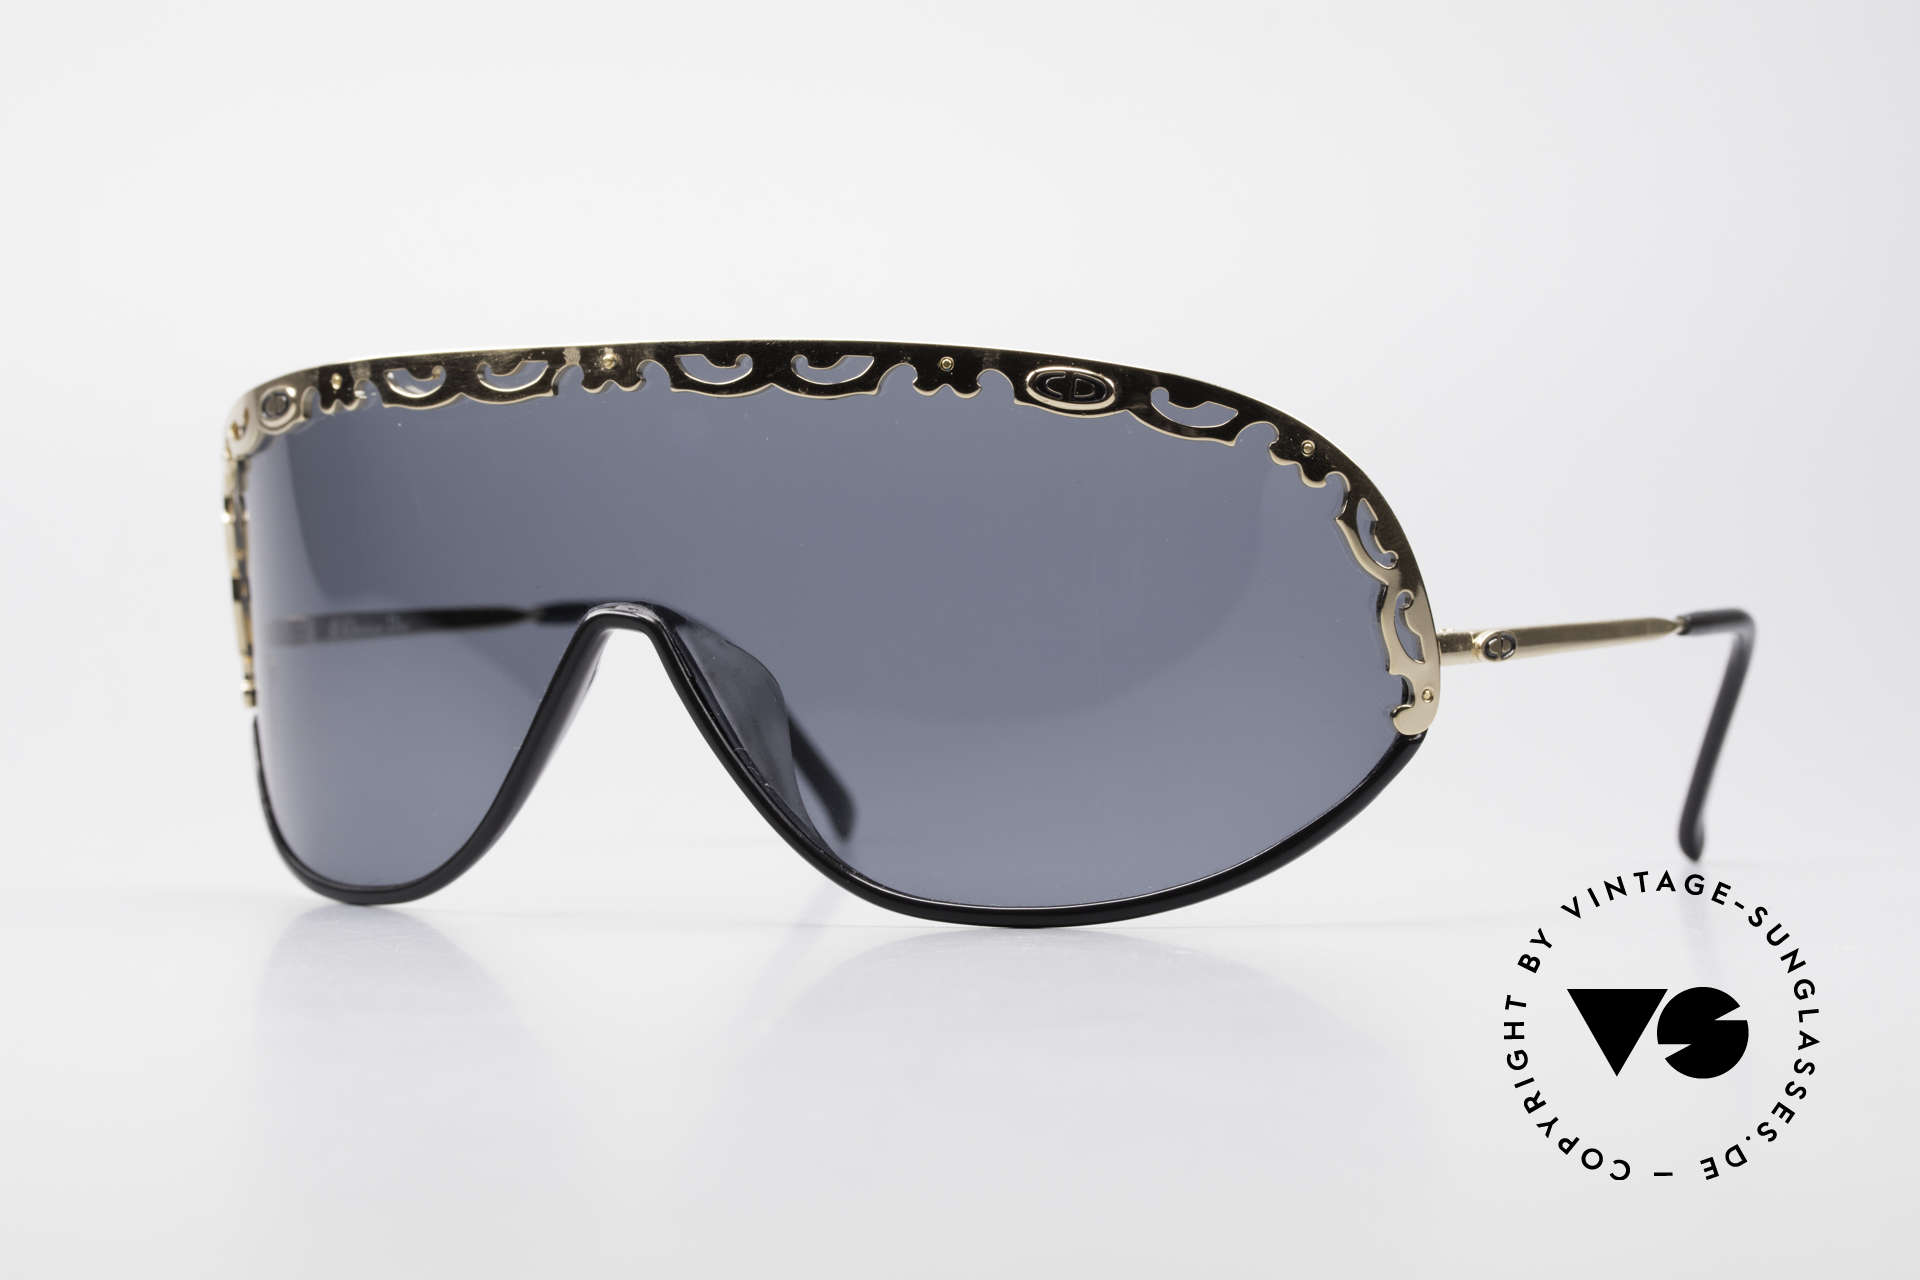 Christian Dior 2501 80er Sonnenbrille Polarized, zauberhafte Christian Dior 80er vintage Sonnenbrille, Passend für Damen